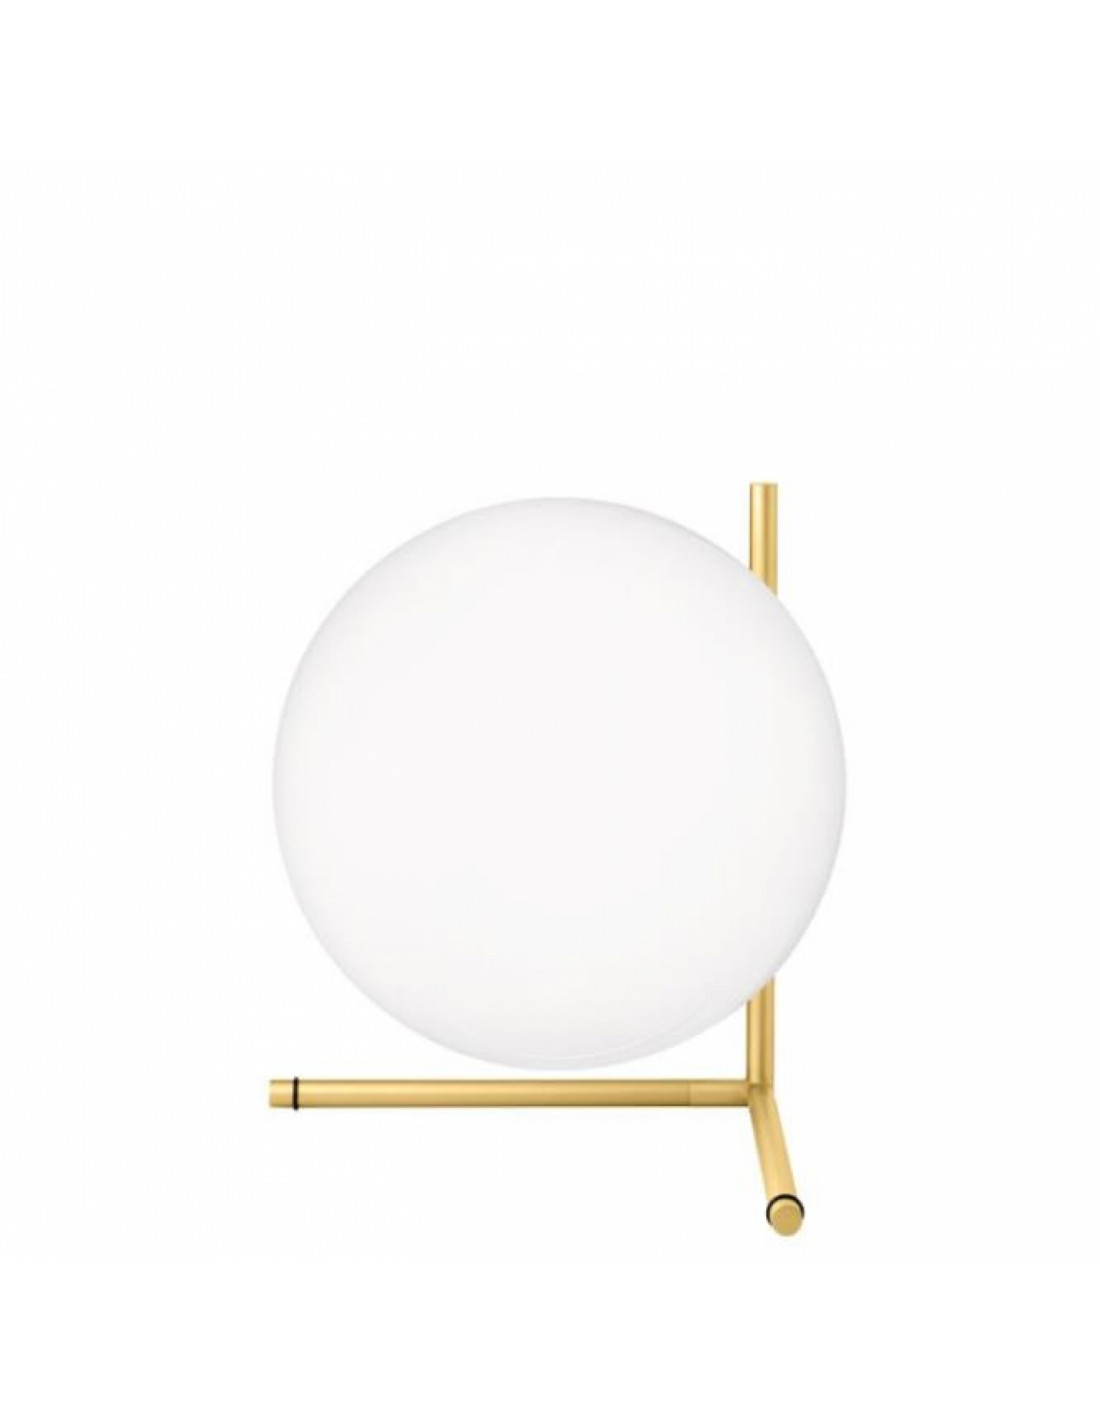 Lampe poser flos ic t2 de flos for But lampe a poser